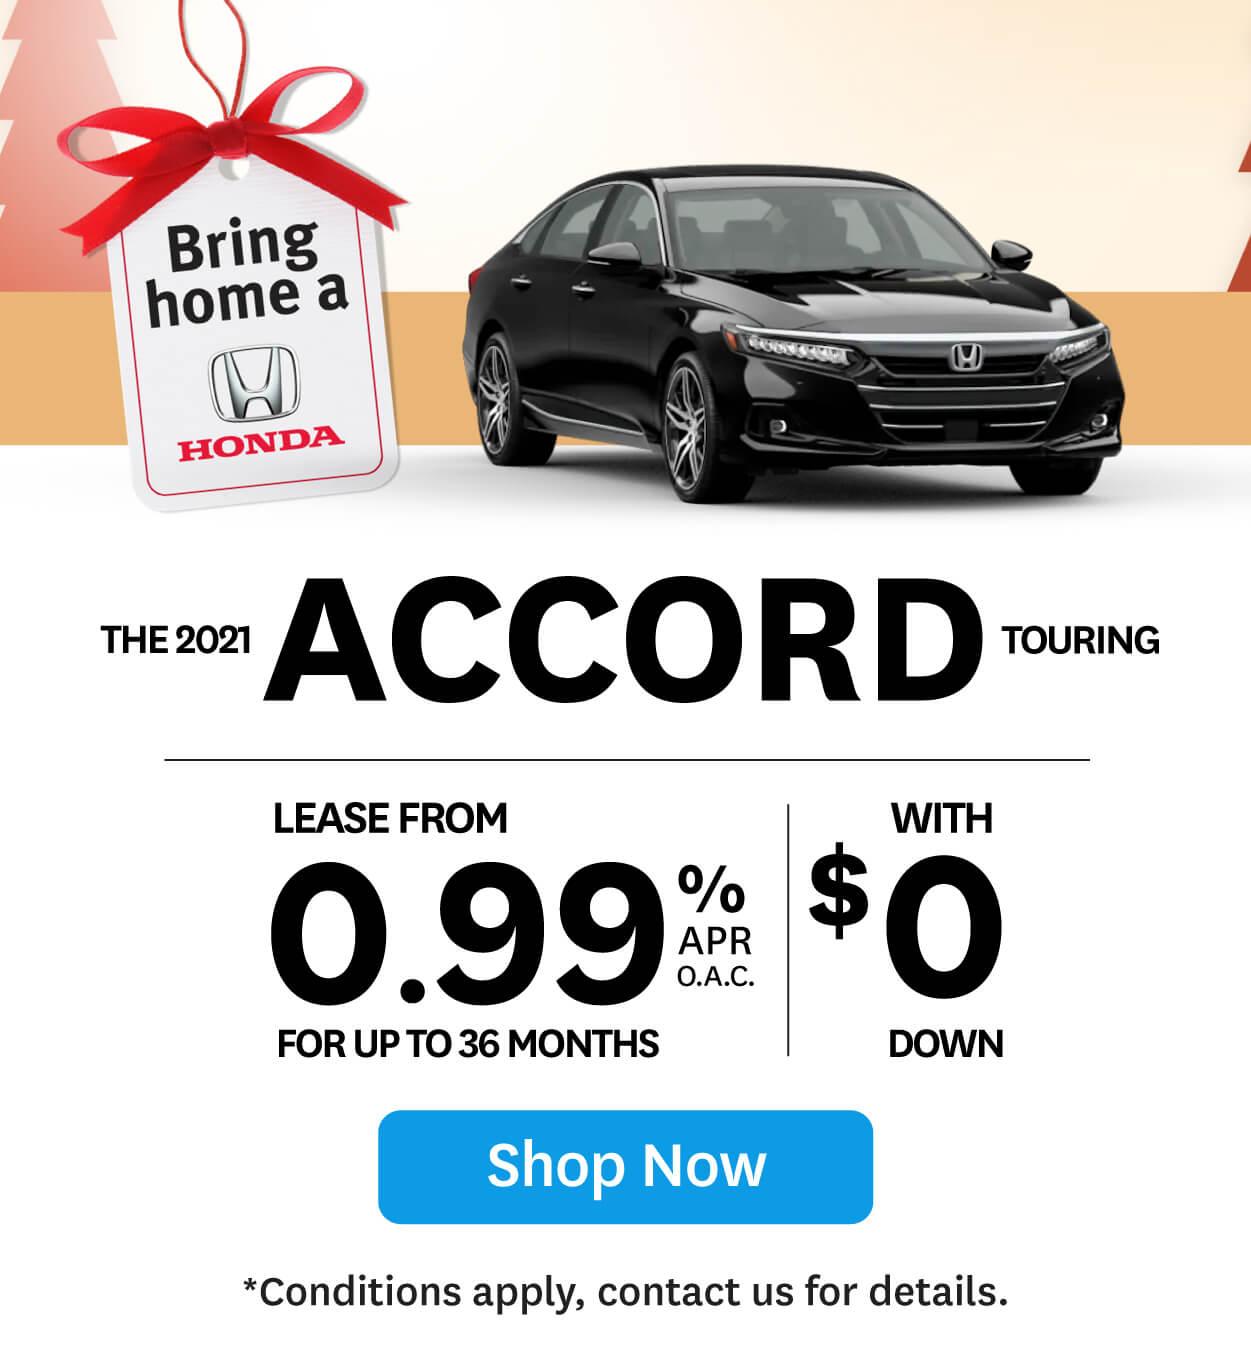 Bring Home Honda Accord